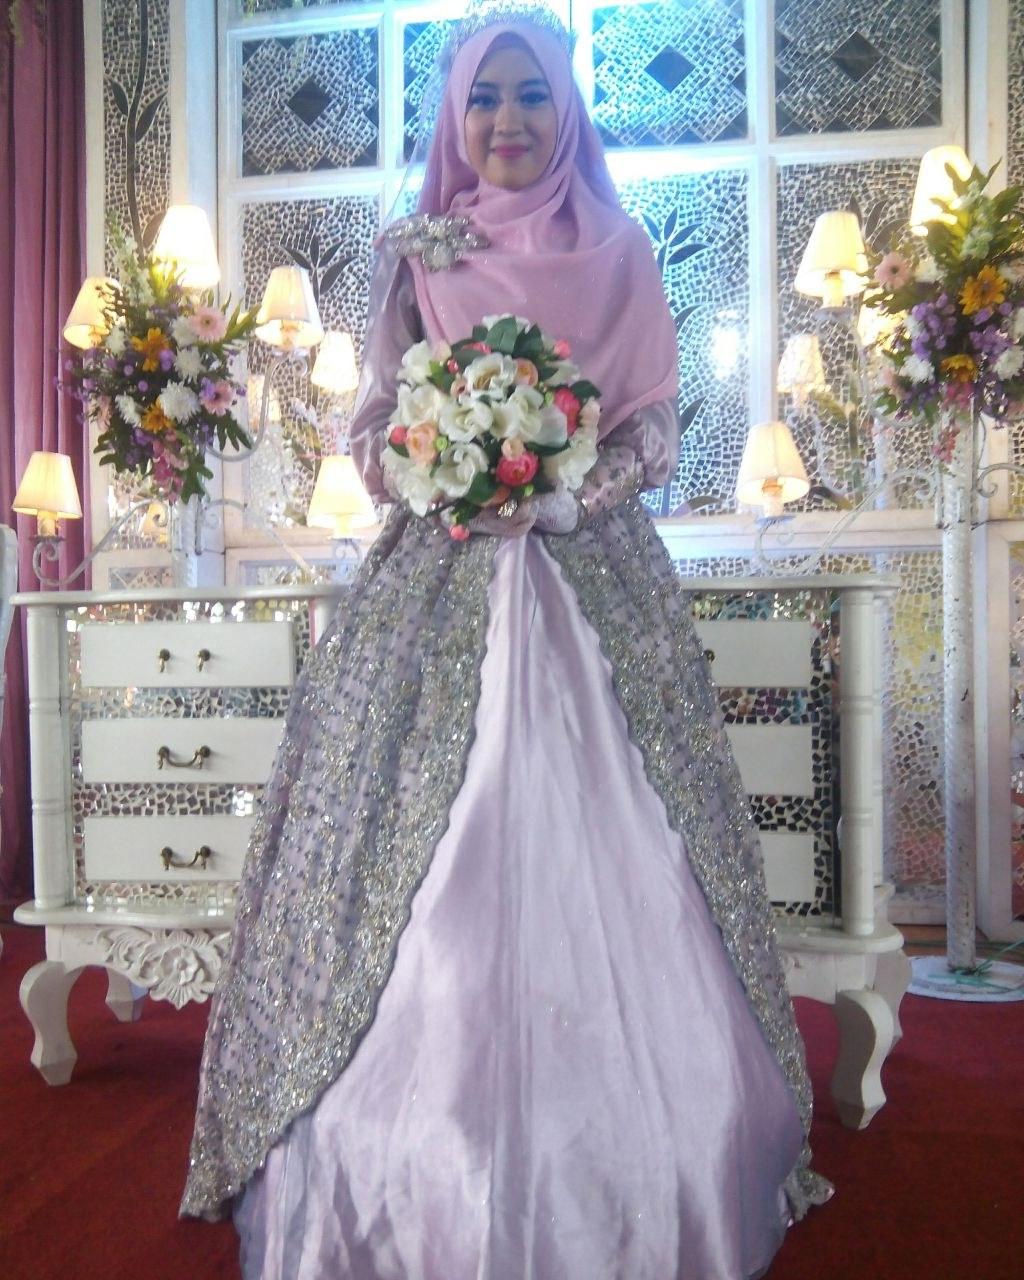 Bentuk Sewa Gaun Pengantin Muslimah Jogja Ftd8 50 Inilah Sewa Kebaya Bandung